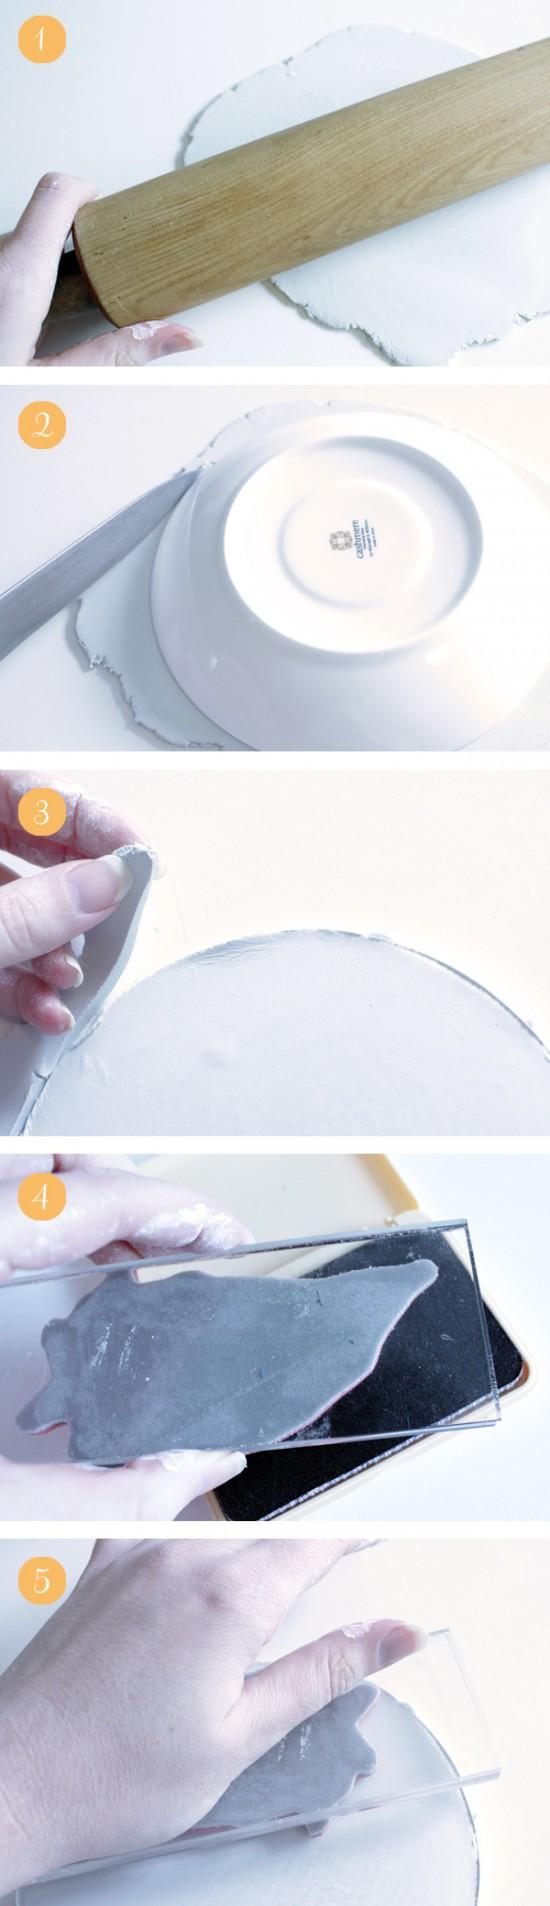 Akimbo clay ring bowl tutorial 1 550x1906 Rustic DIY Clay Ring Bowl Tutorial